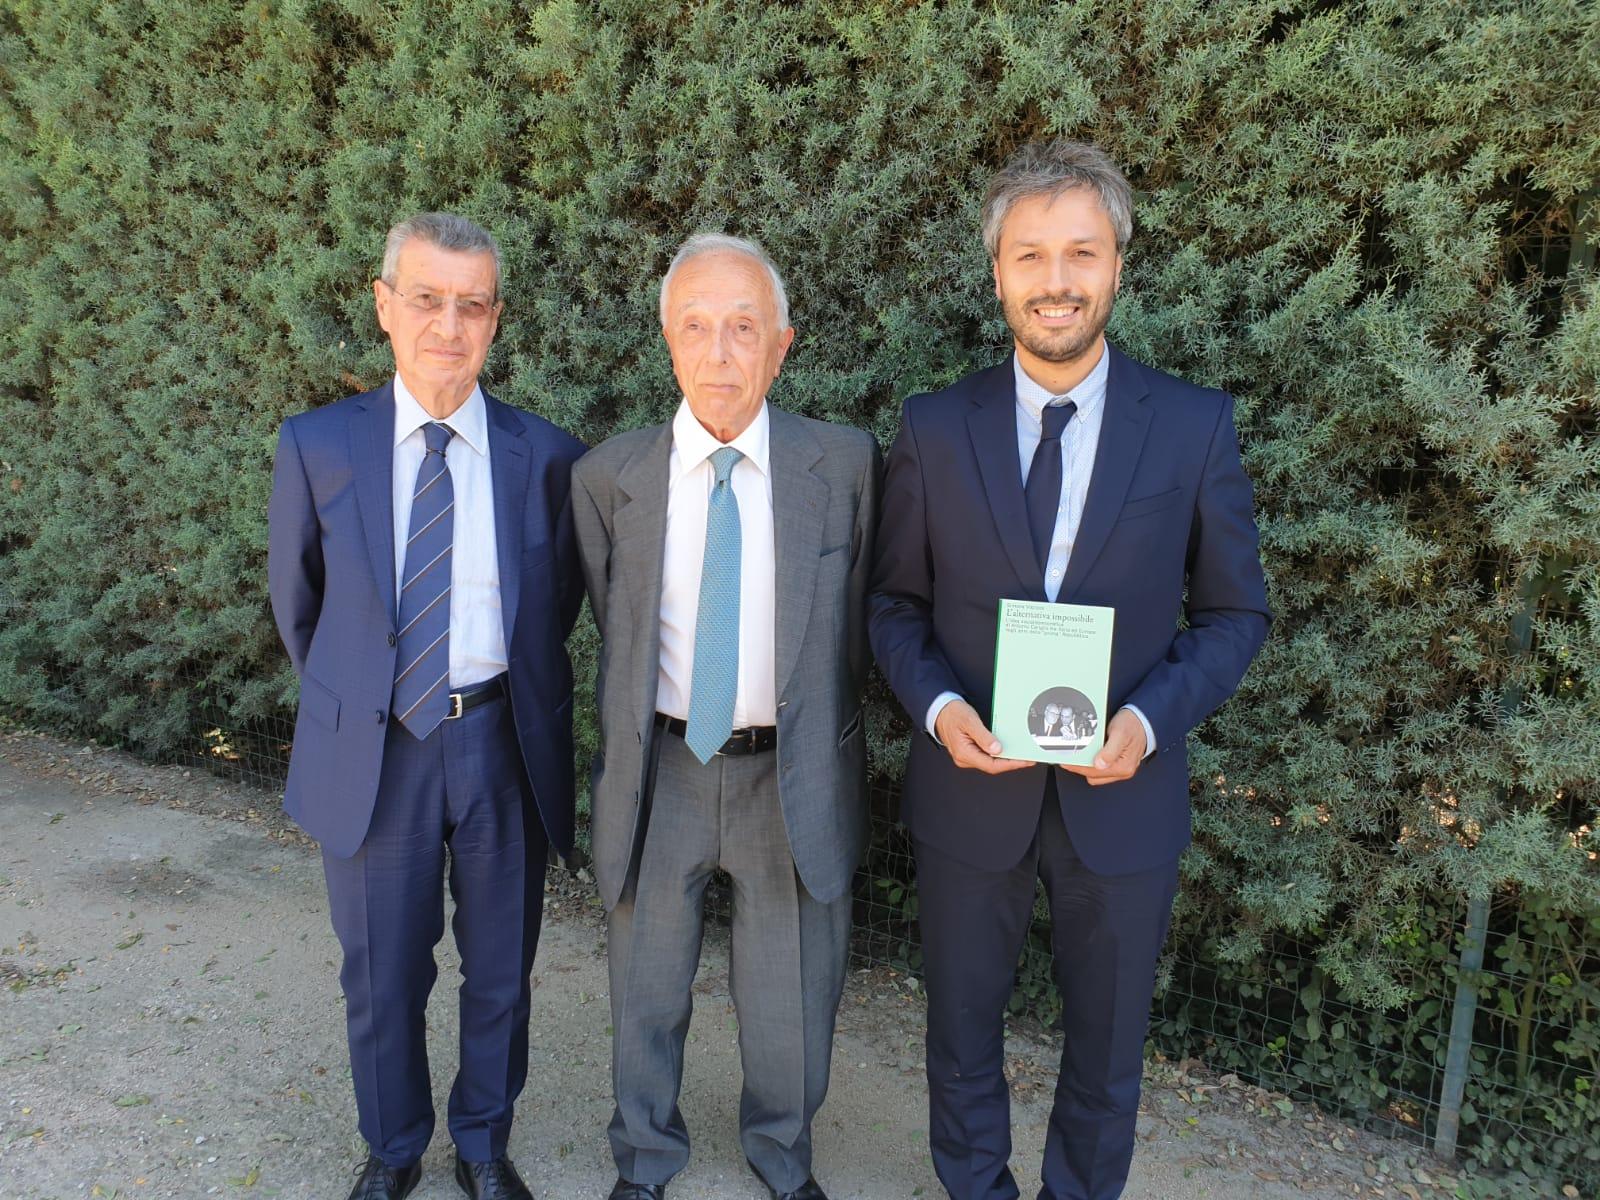 Al Quirinale presentato il libro su Antonio Cariglia